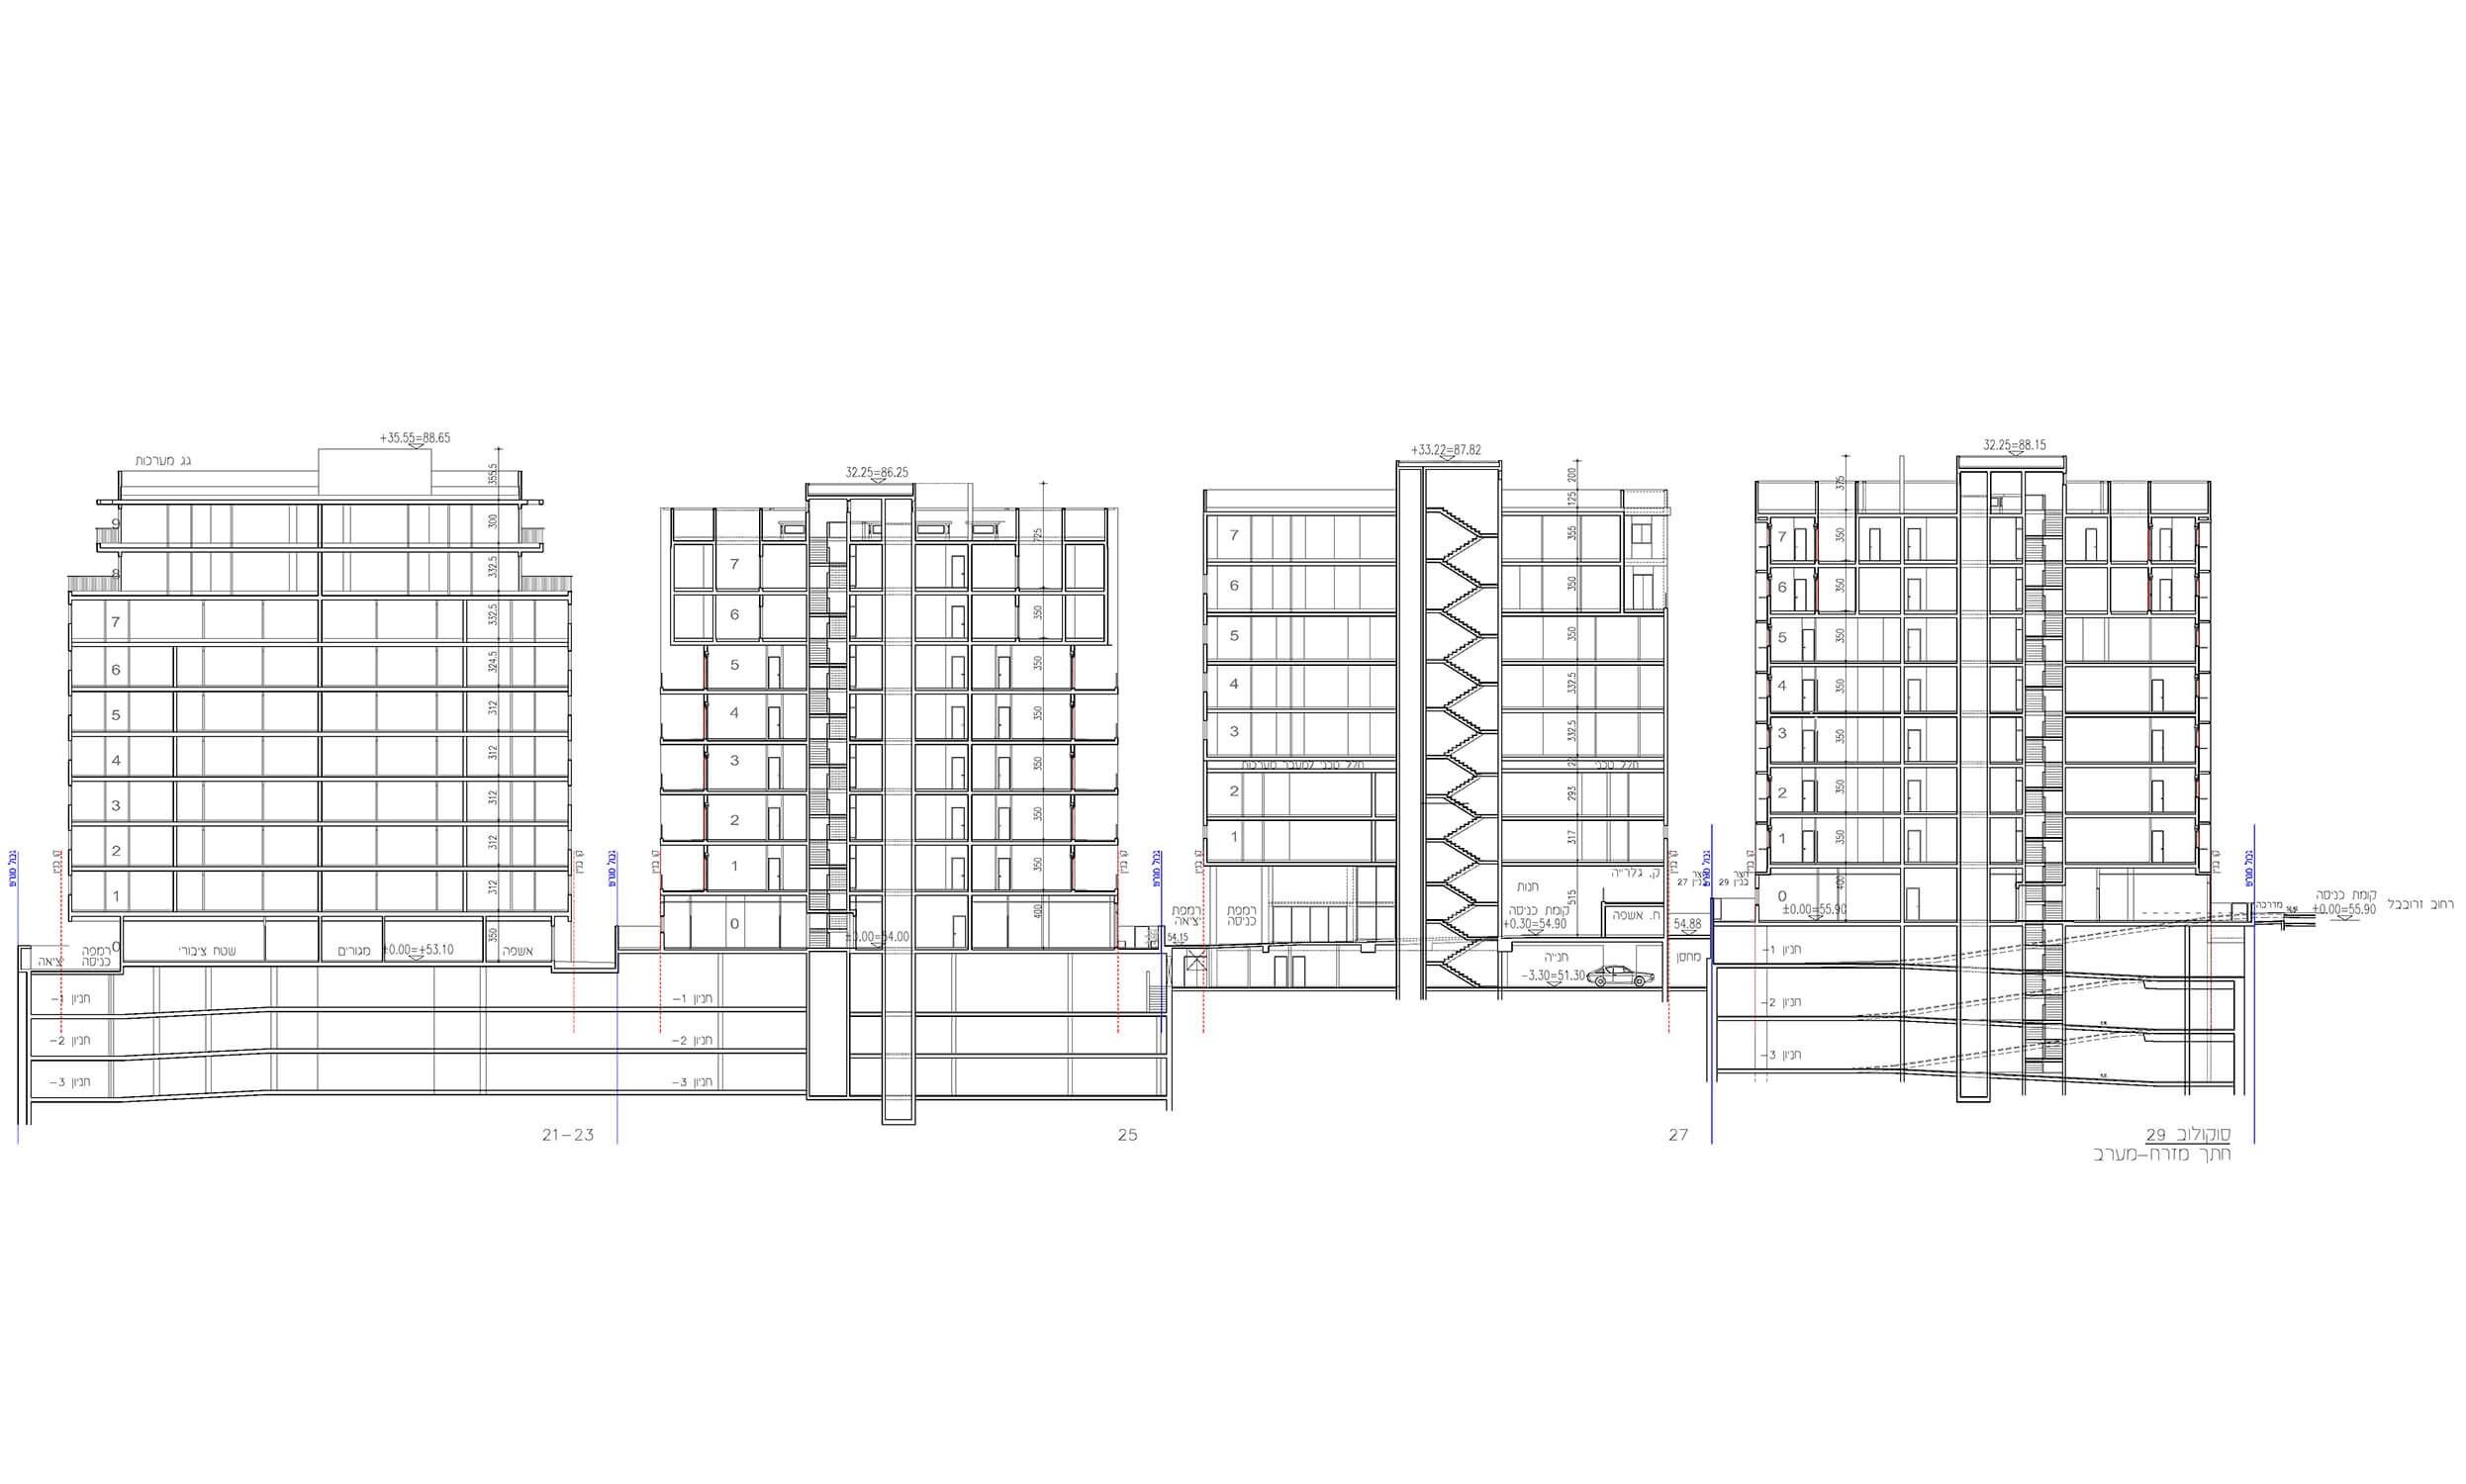 """סוקולוב 21-29 – רמה""""ש – תכנון מפורט לביצוע"""